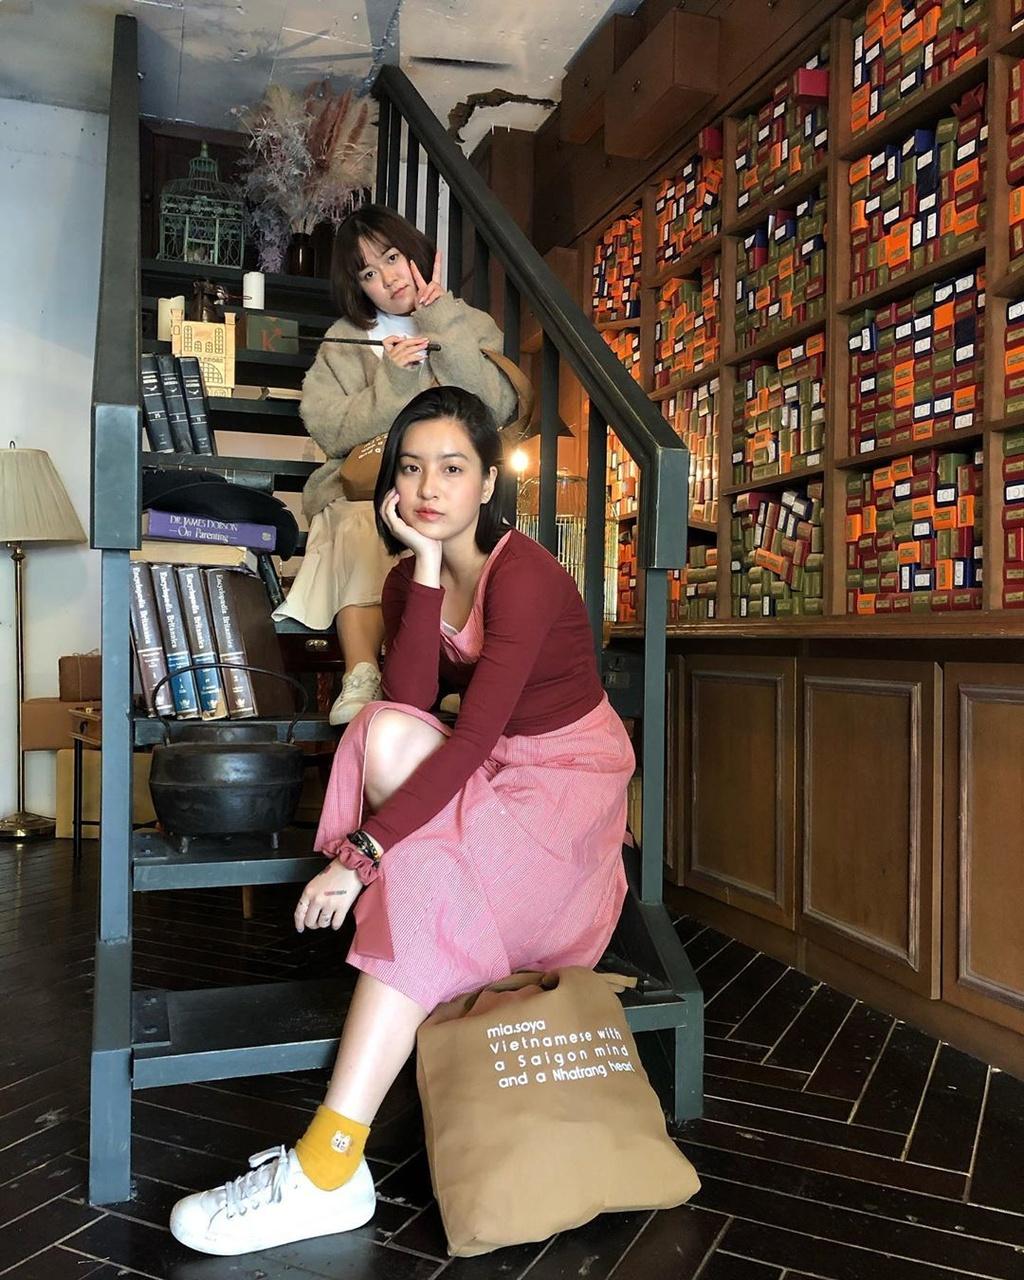 Ha Lan 'Mat biec' chuong style nang tho, Hong thich kieu truong thanh hinh anh 19 71187008_573460119859927_1126452701143851774_n.jpg